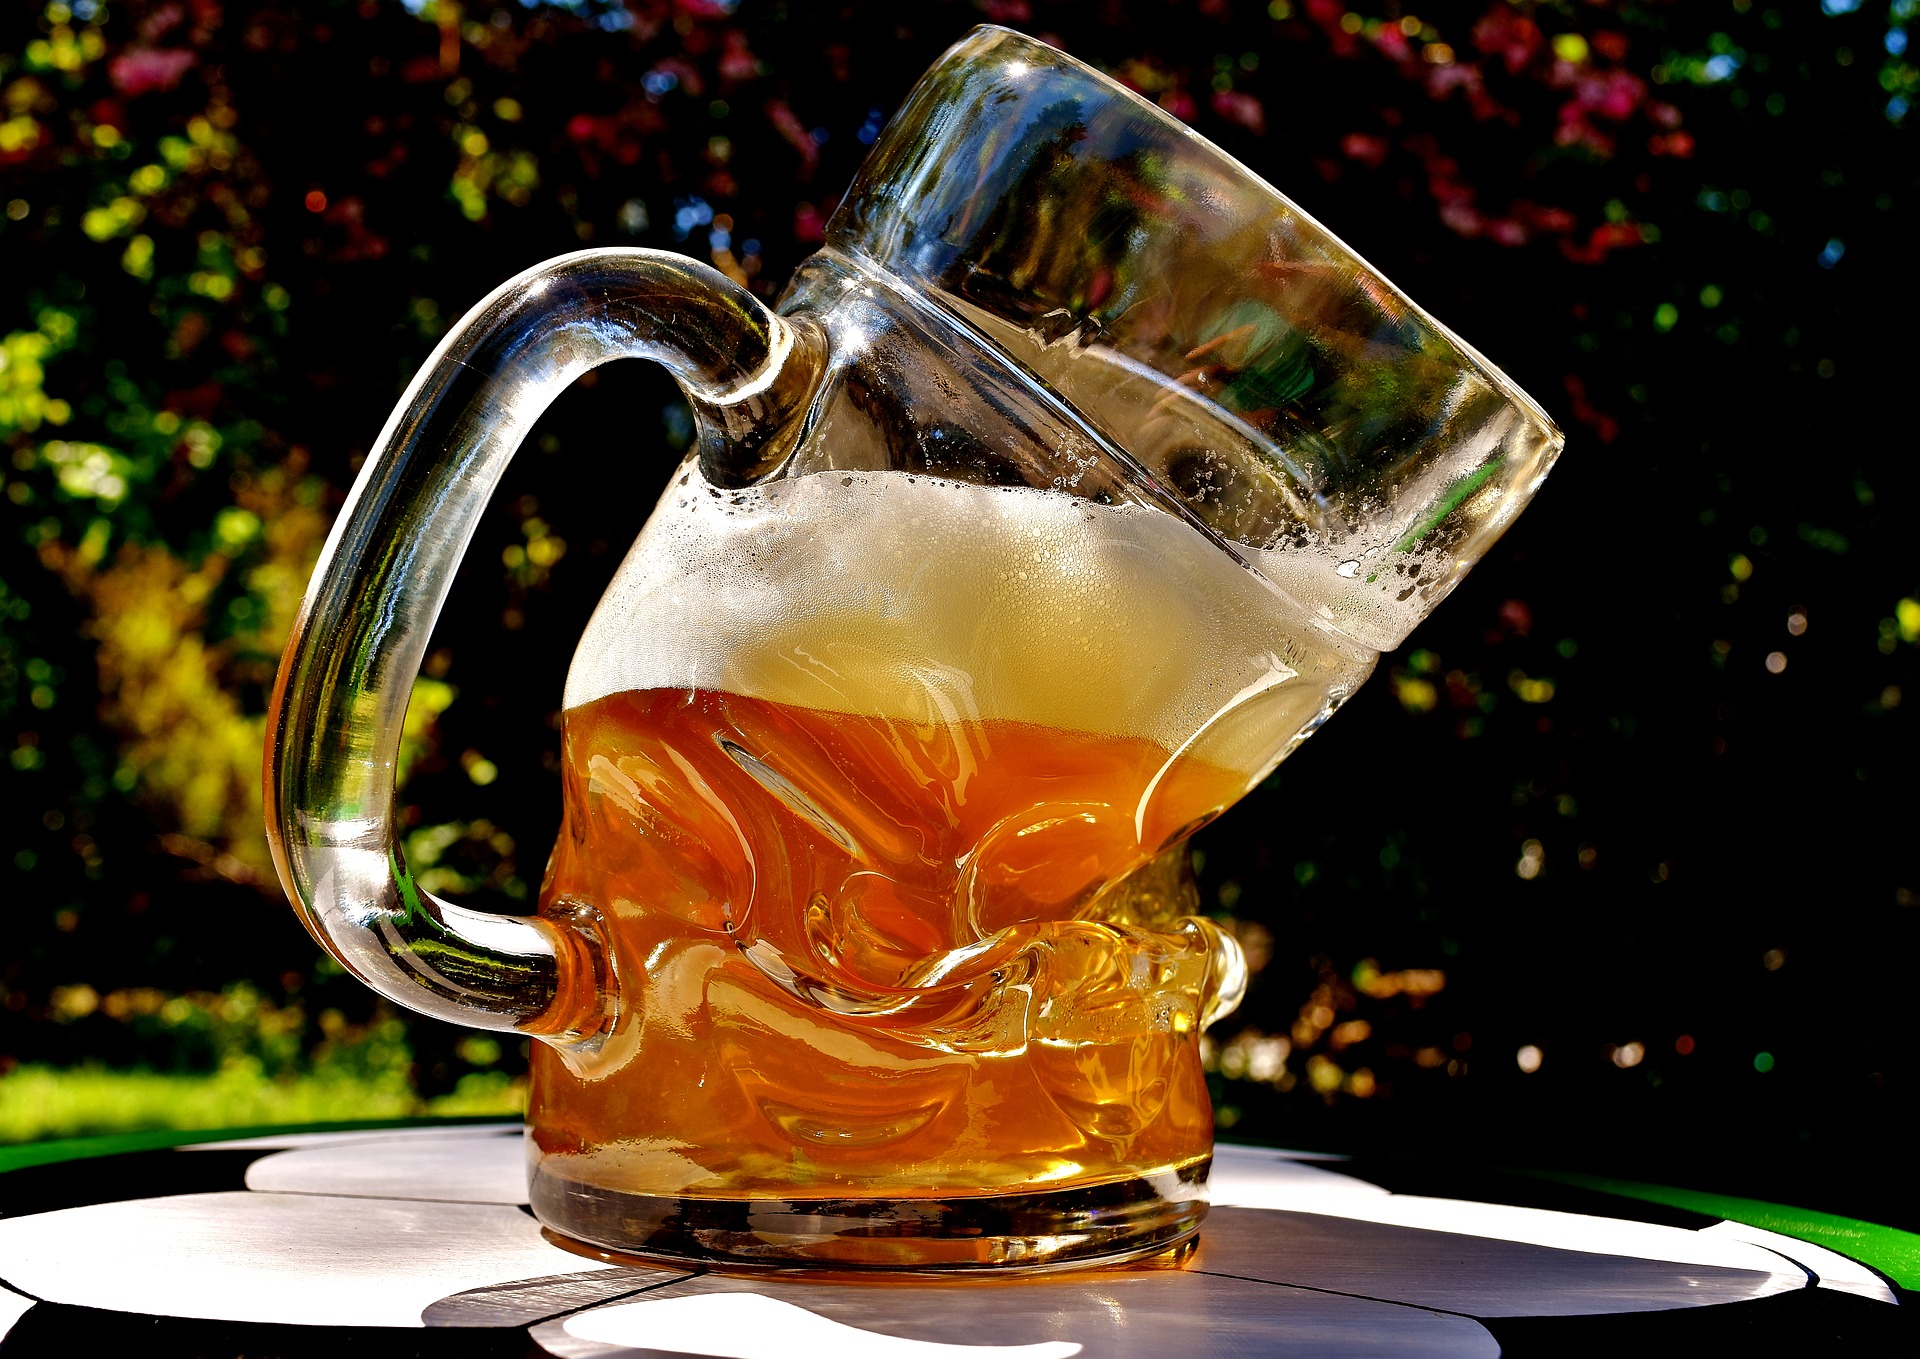 deformed glass beer drink alcohol